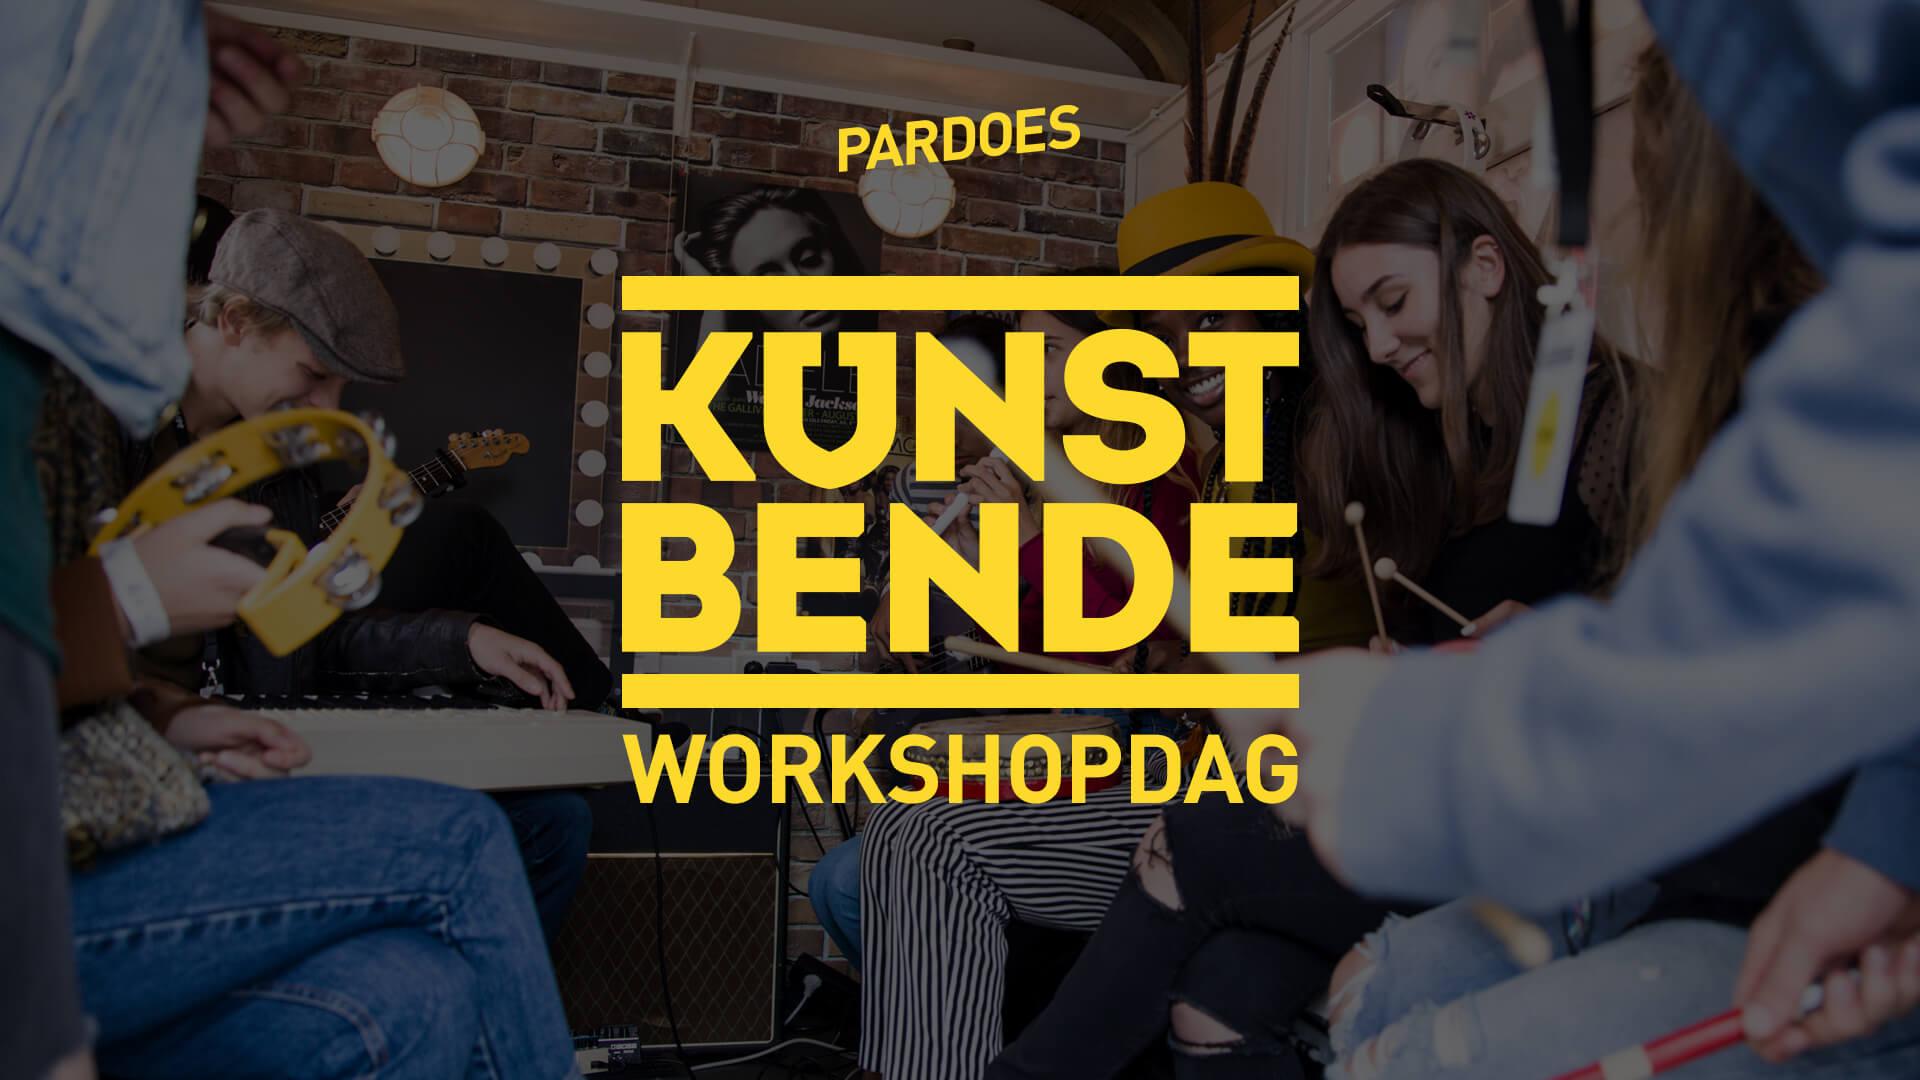 Kunstbende Noord Holland Workshopdag Pardoes Hoogwoud